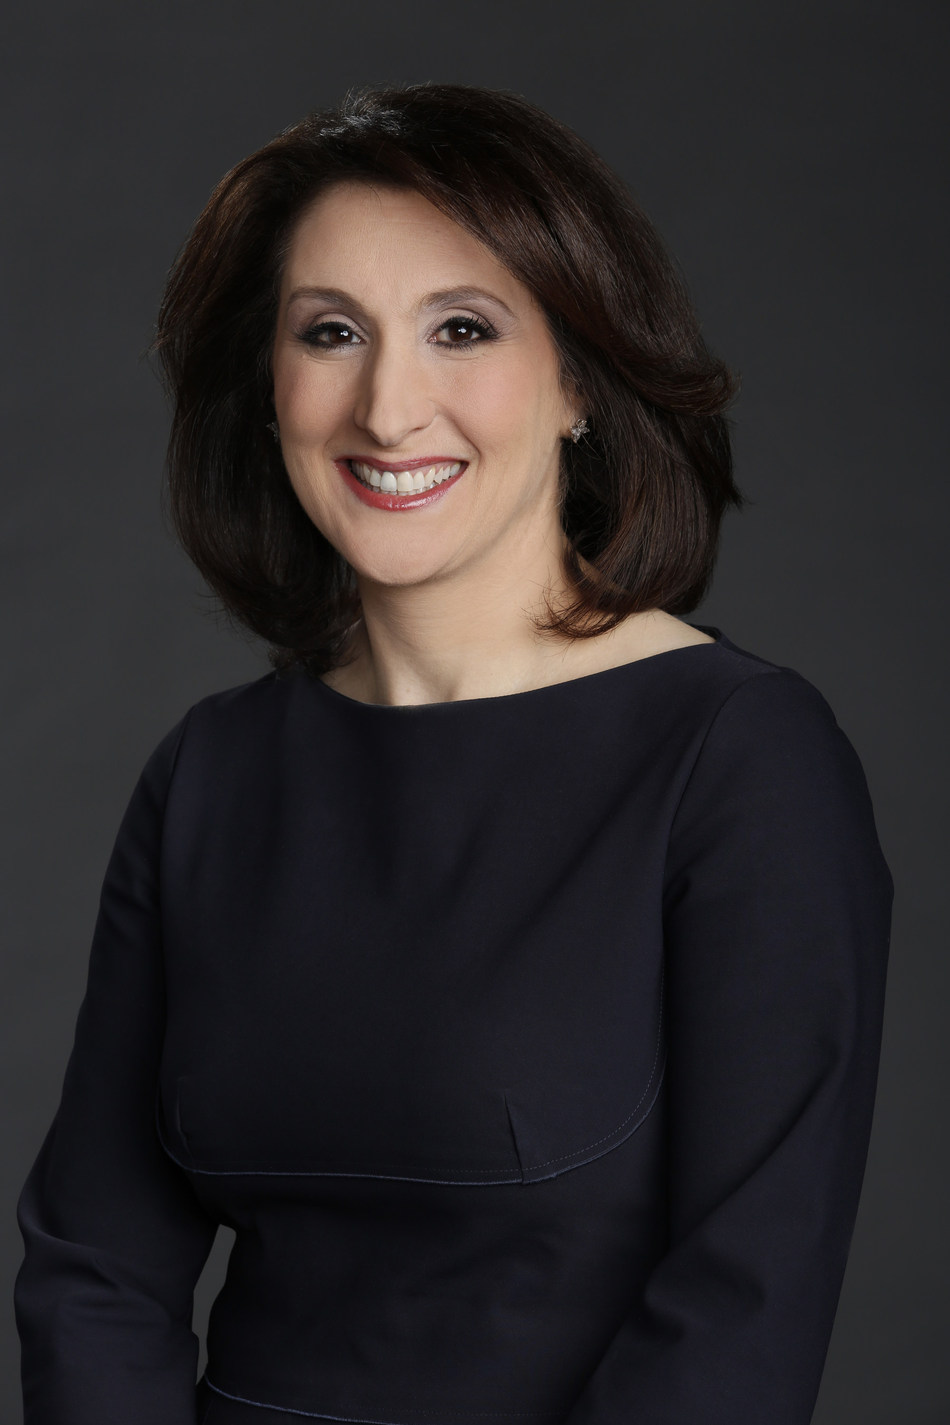 Juliette Morris, Chief Marketing Officer, TuneIn